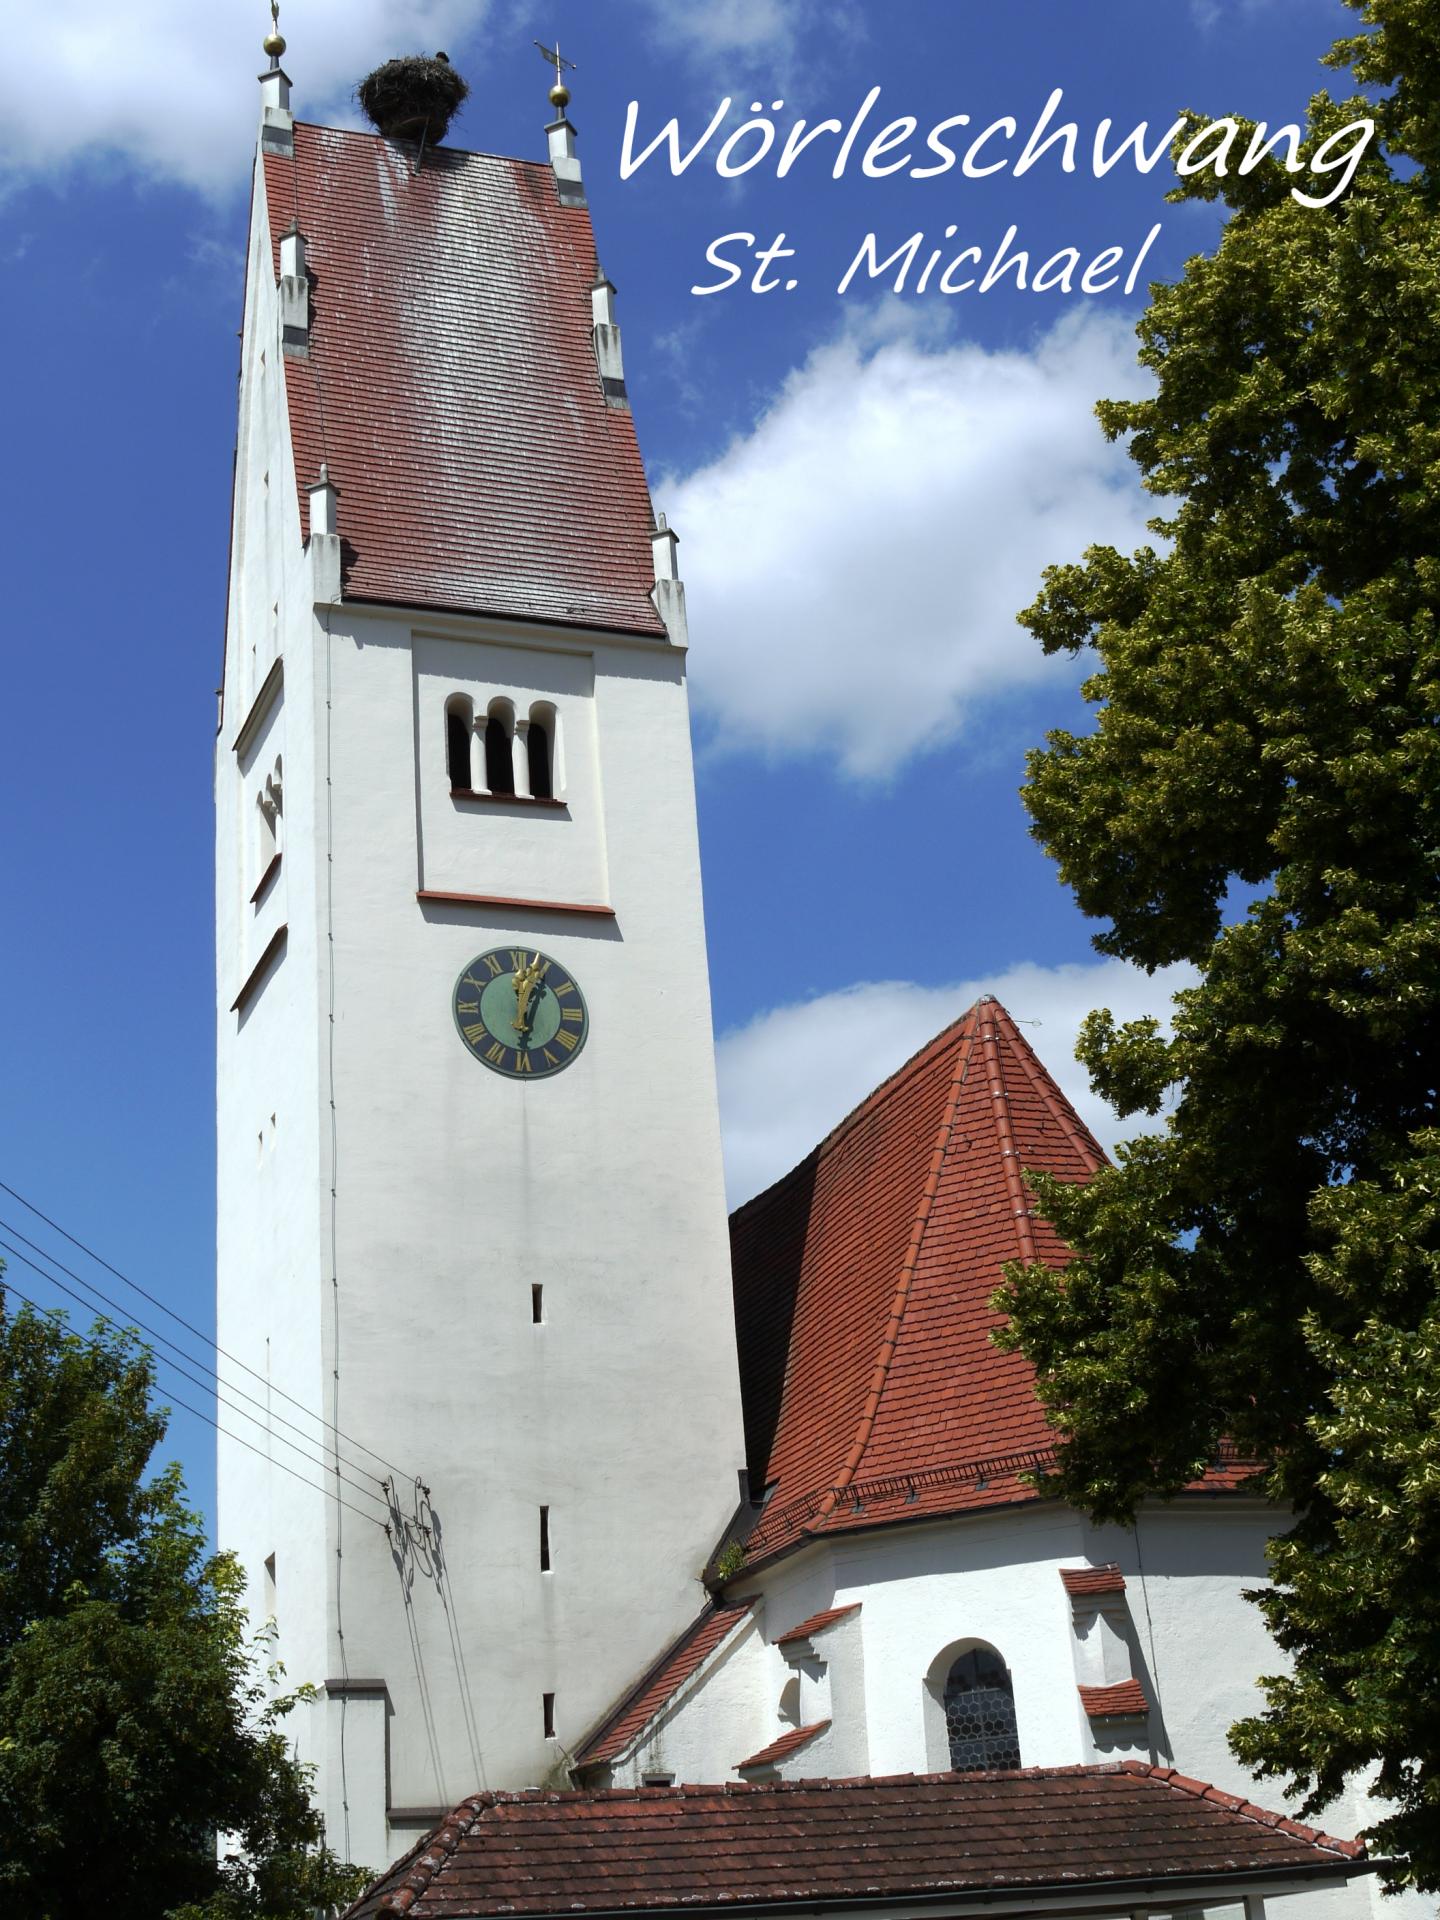 Wörleschwang, Kirchturm St. Michael; Foto: Max Trometer